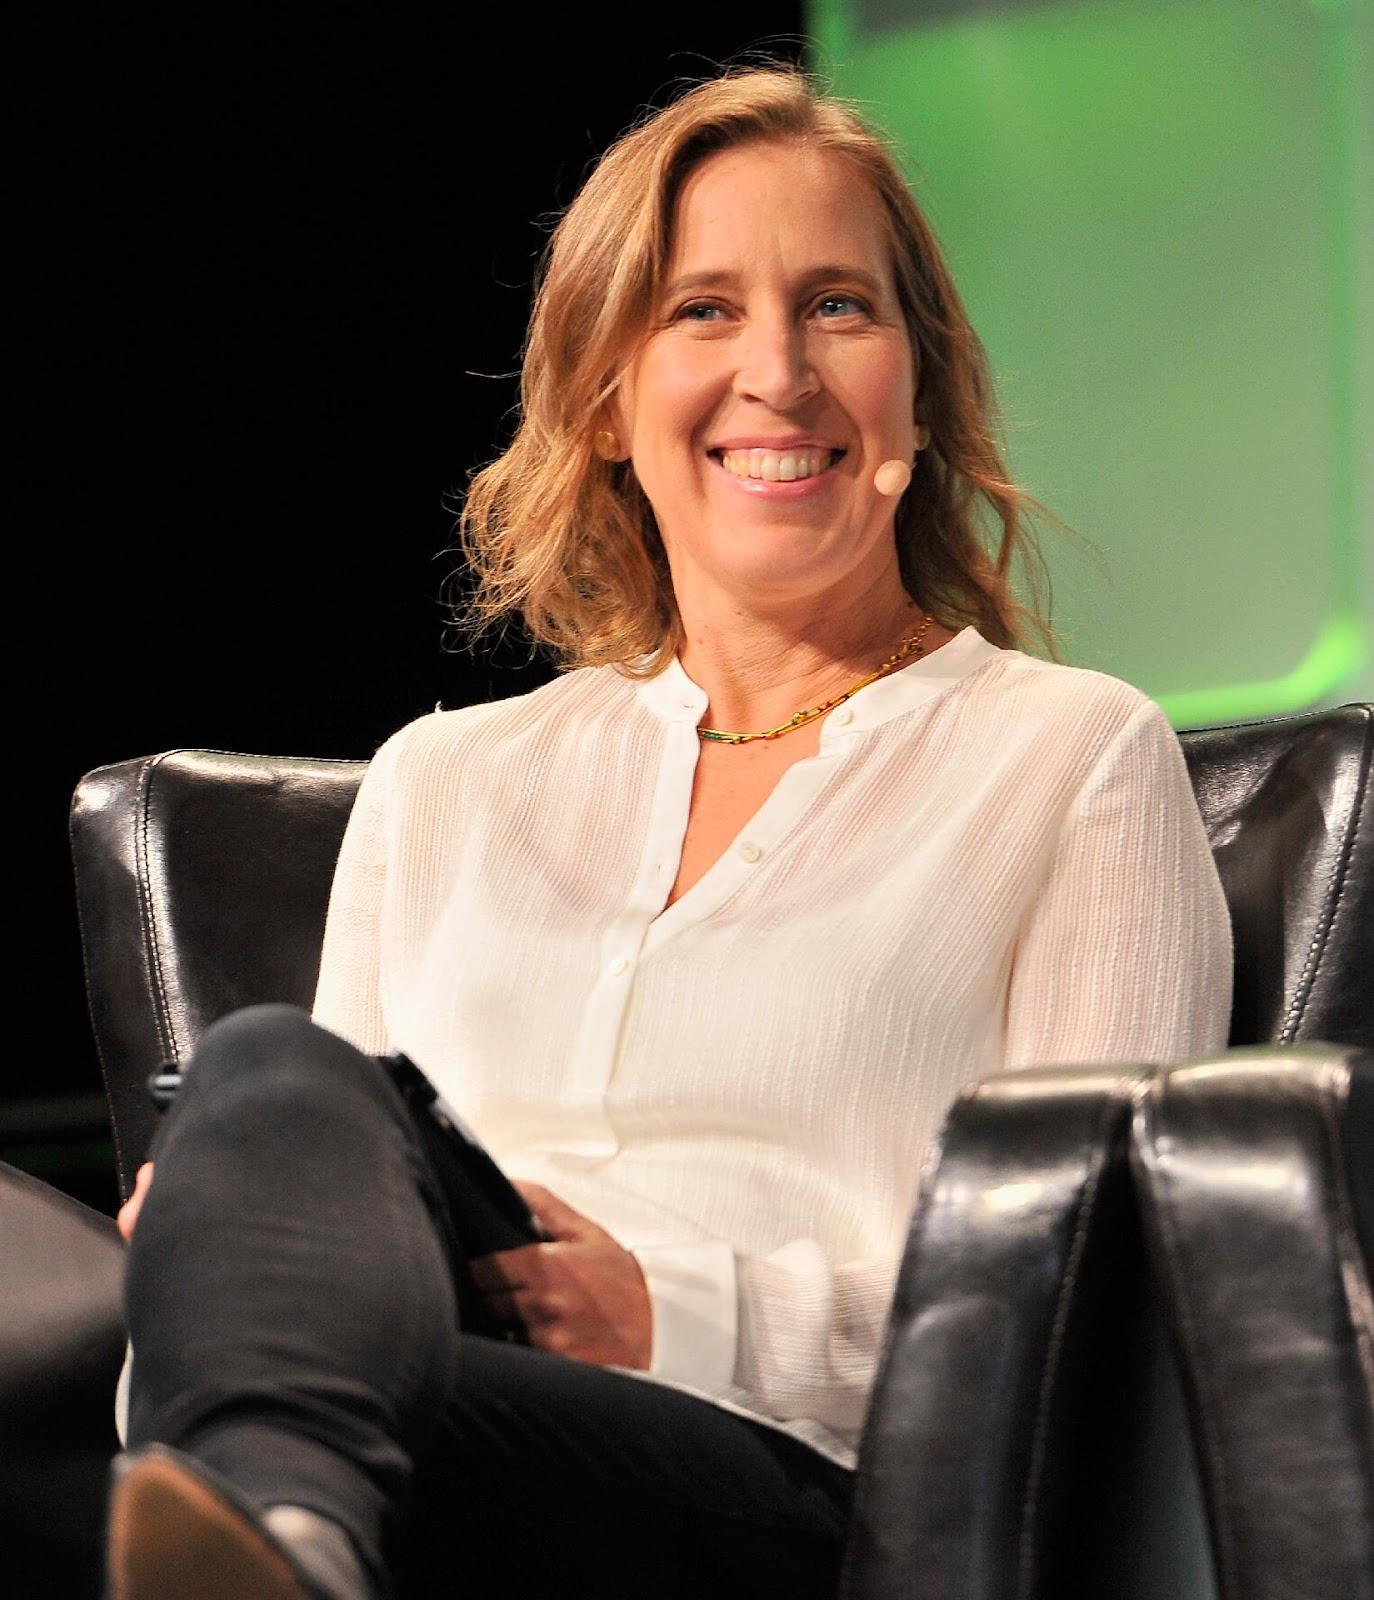 Image of Susan Wojcicki